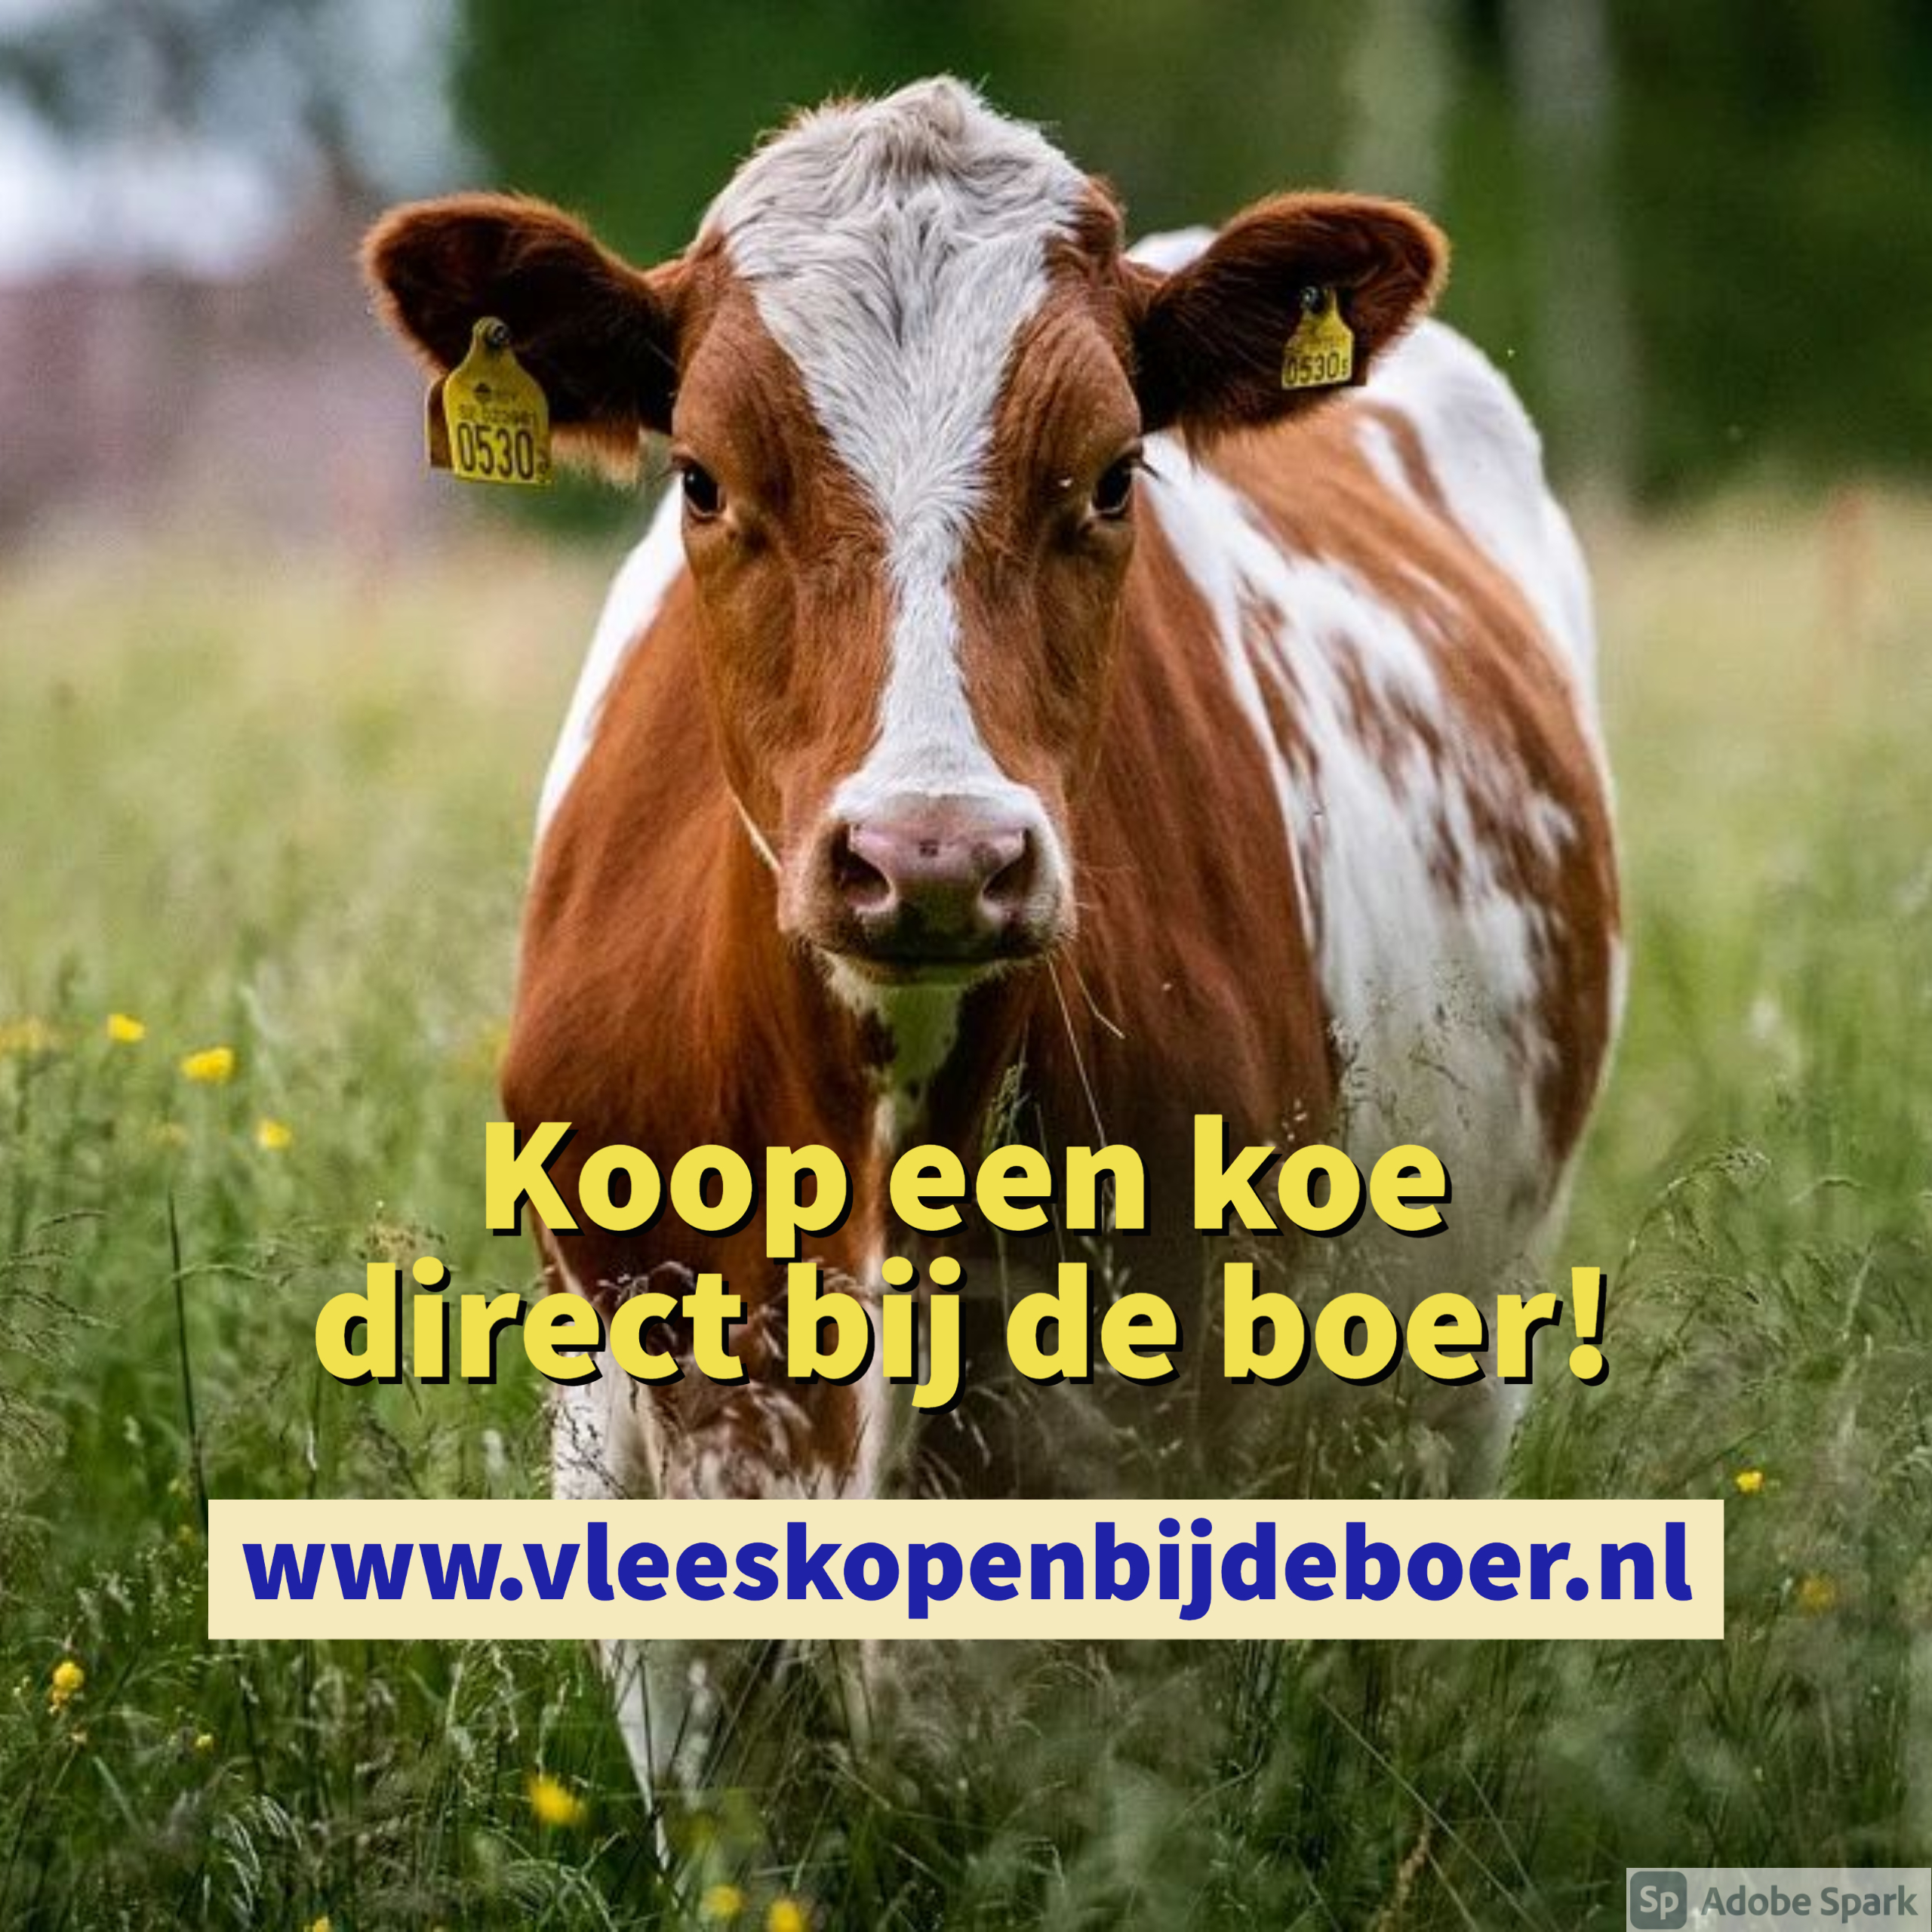 Koop een koe direct bij de boer - koopeenkoe.nl - www.vleeskopenbijdeboer.nl